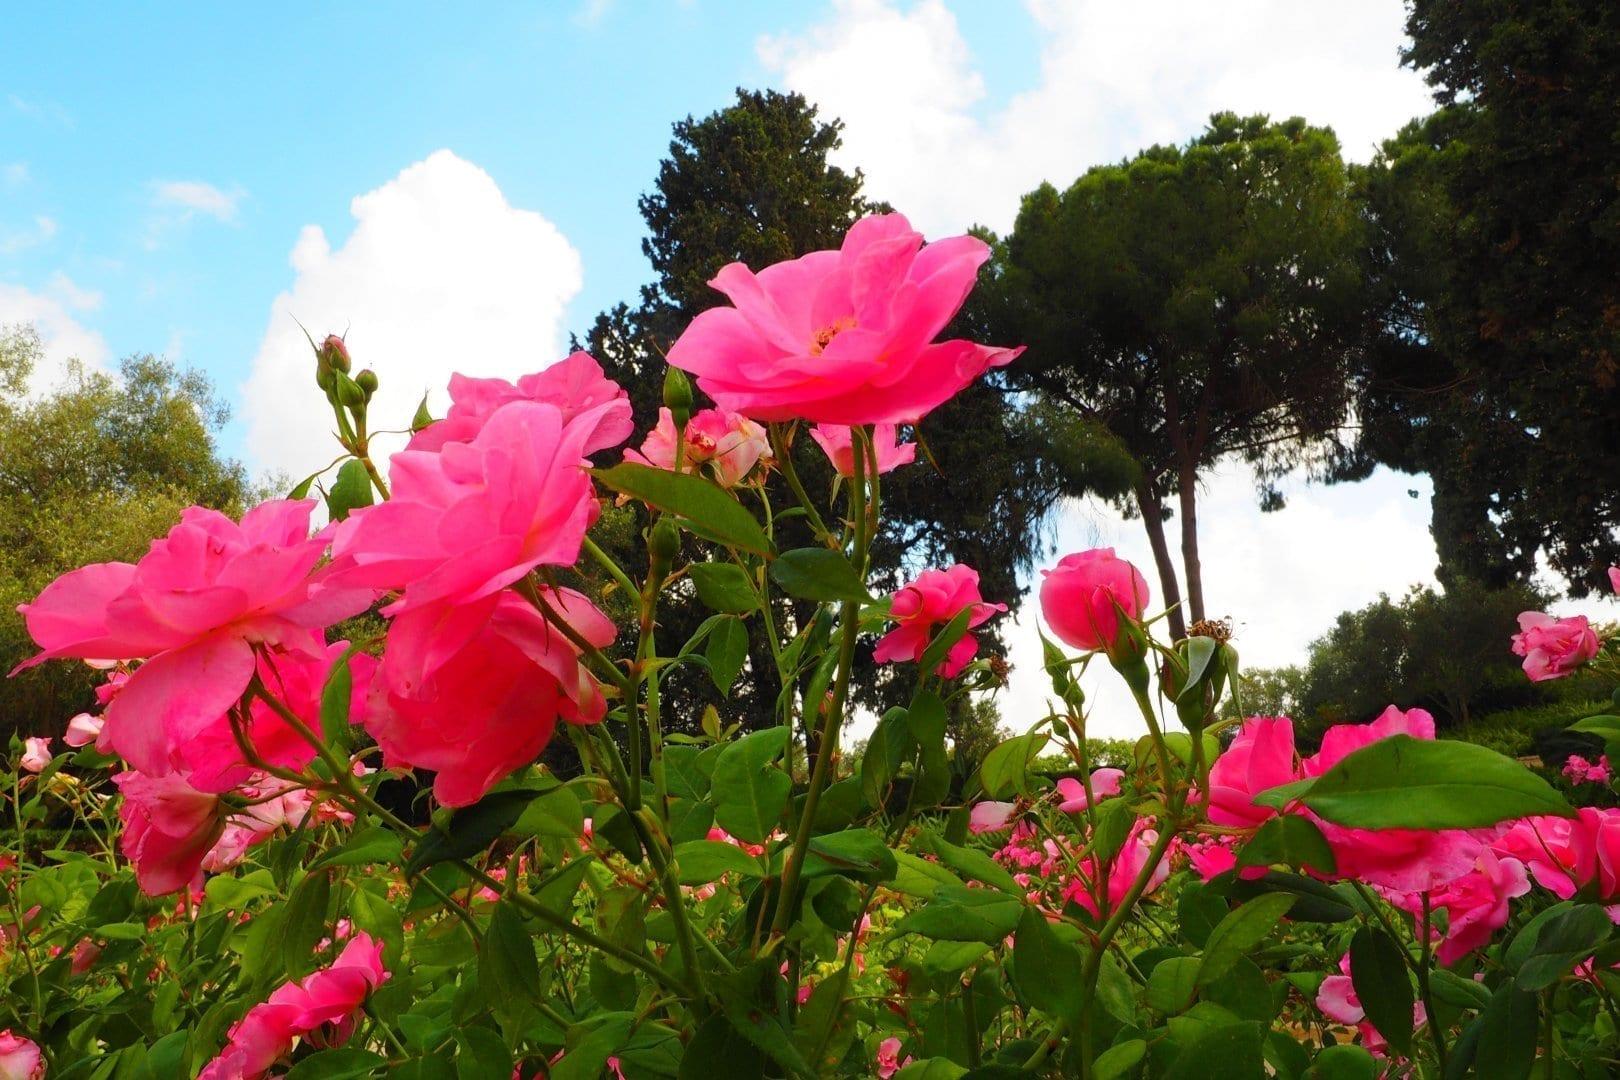 ורדים פורחים בגן